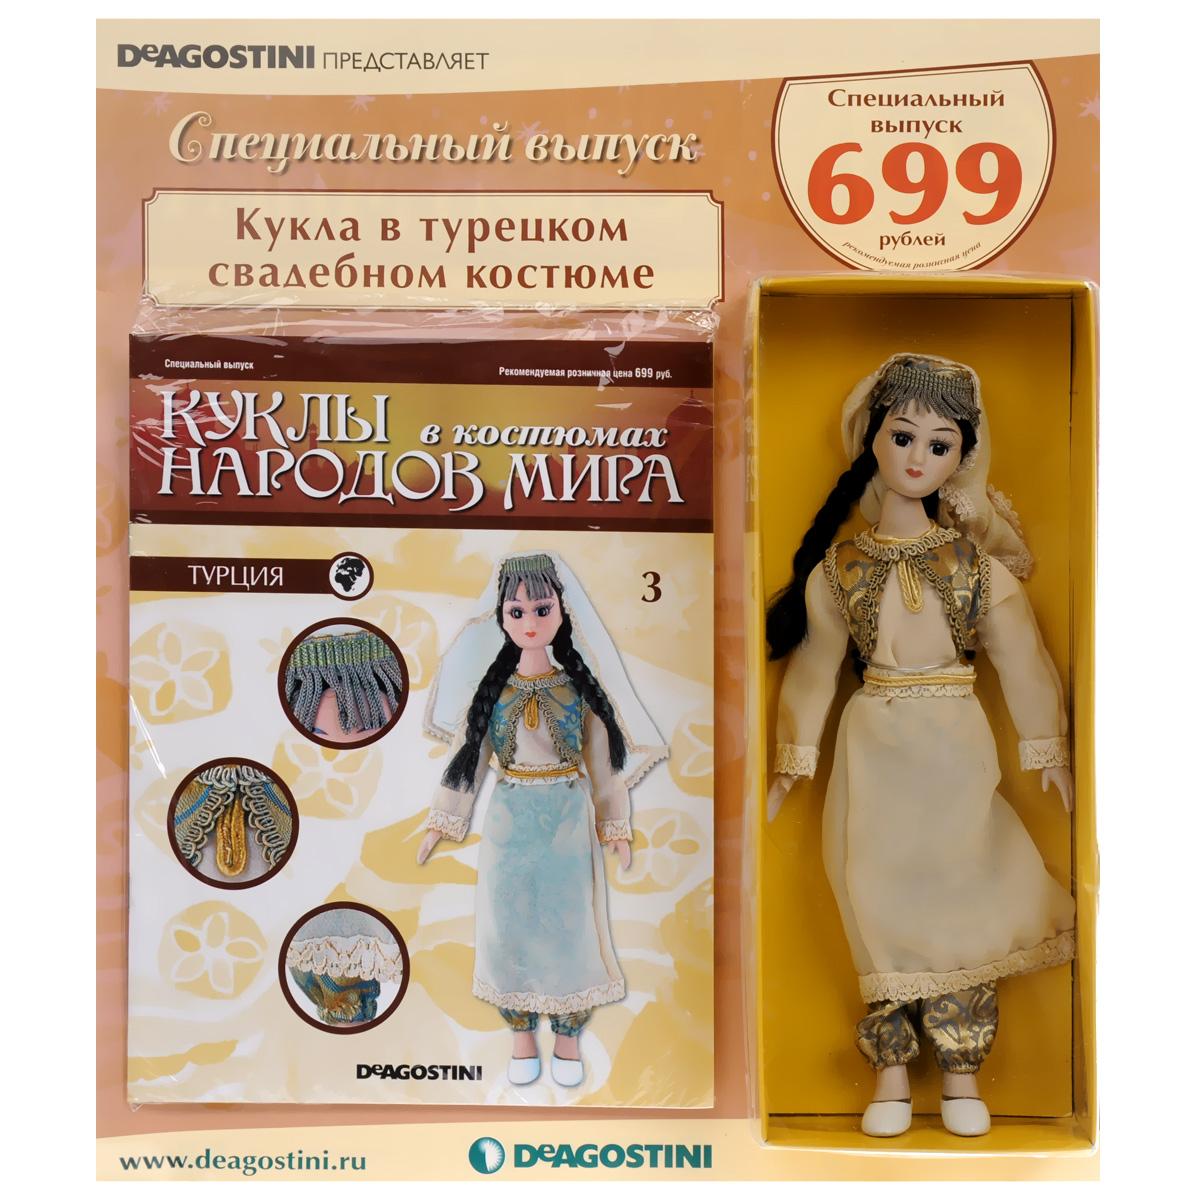 Журнал Куклы в костюмах народов мира № 3 спецвыпуск